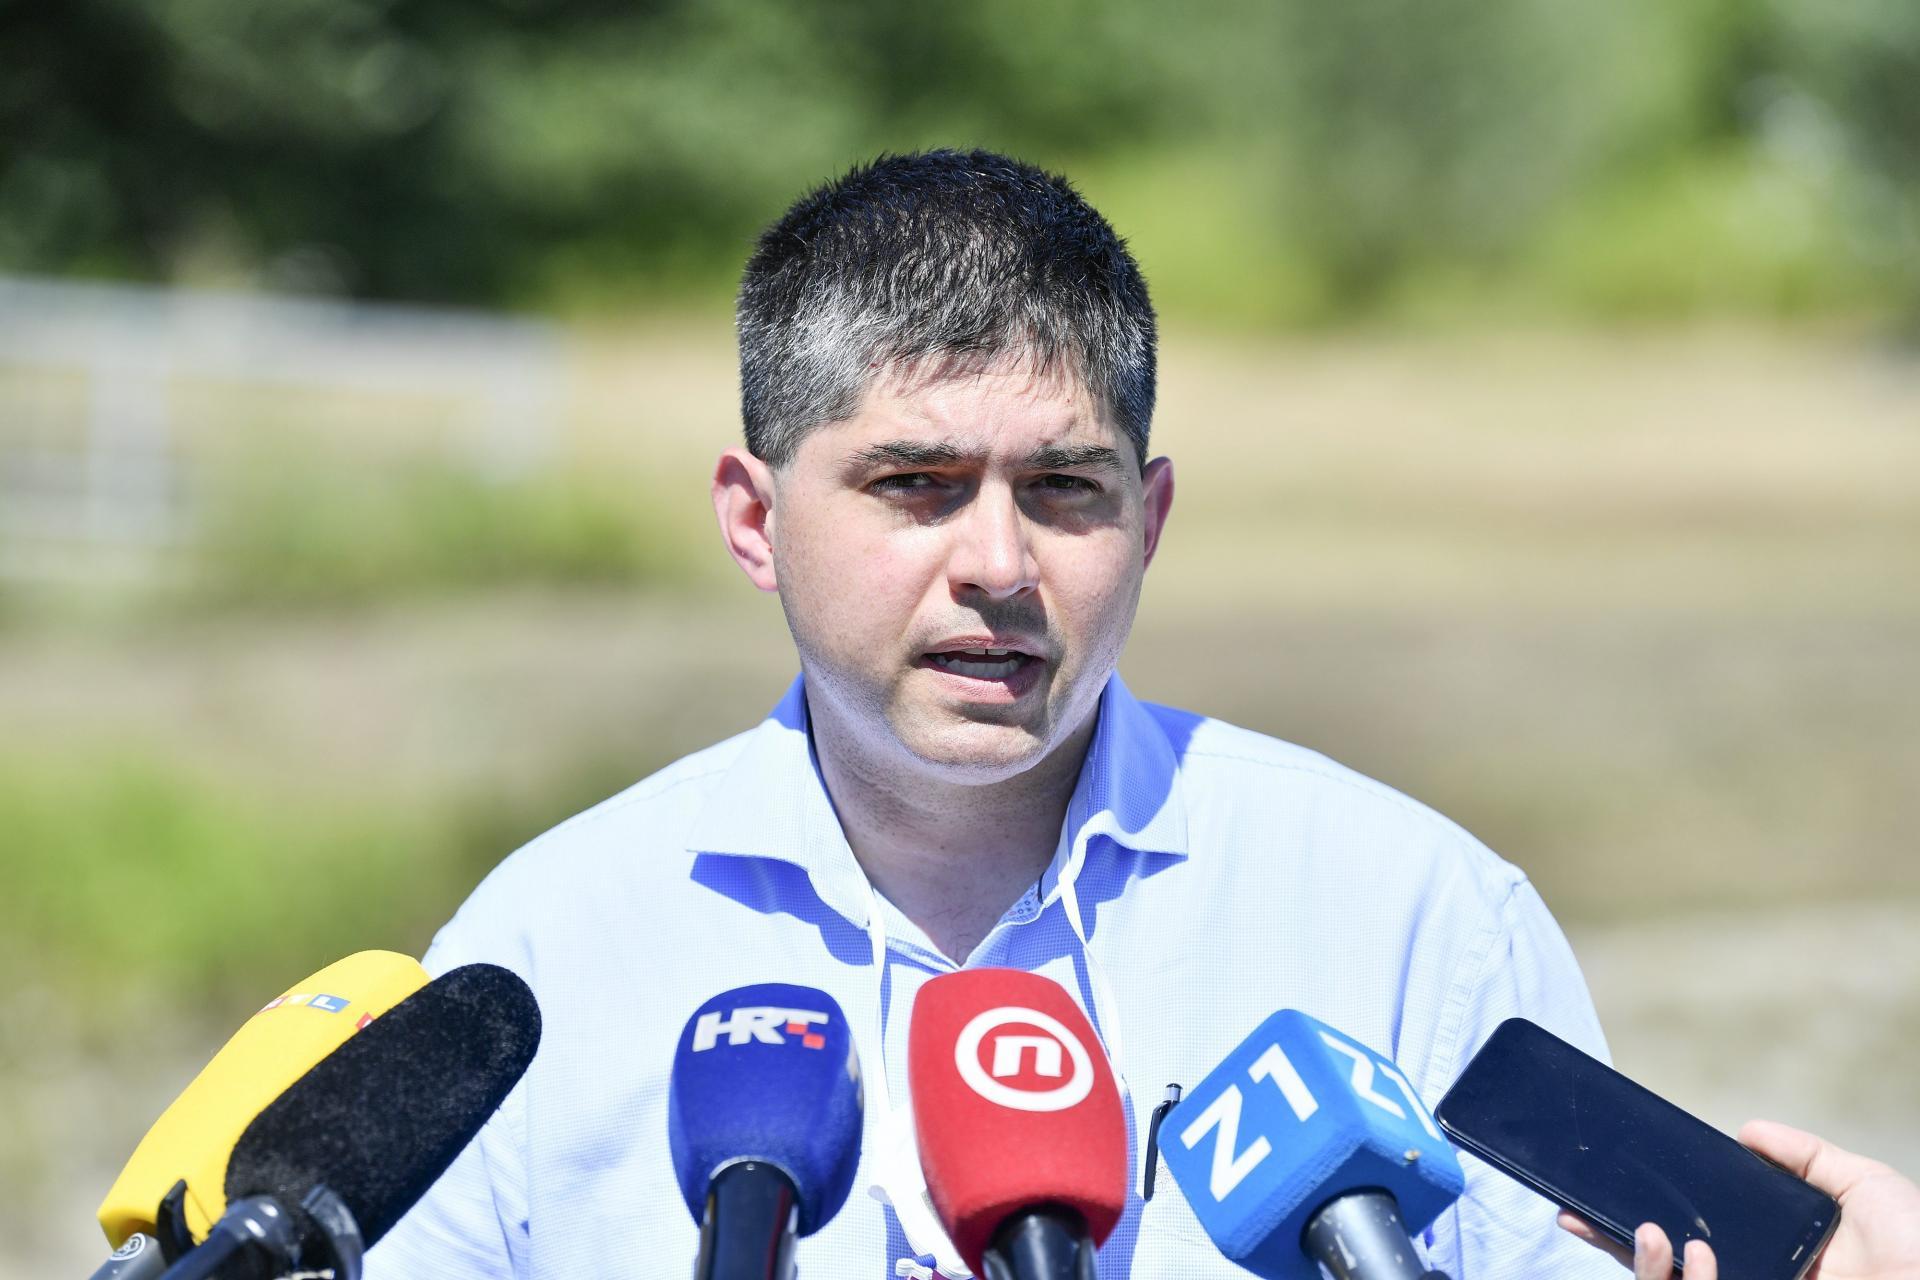 Šef zagrebačke Vodoopskrbe: 'Kako nam dragi Bog da, možda smo bili zločesti pa nas kažnjava'